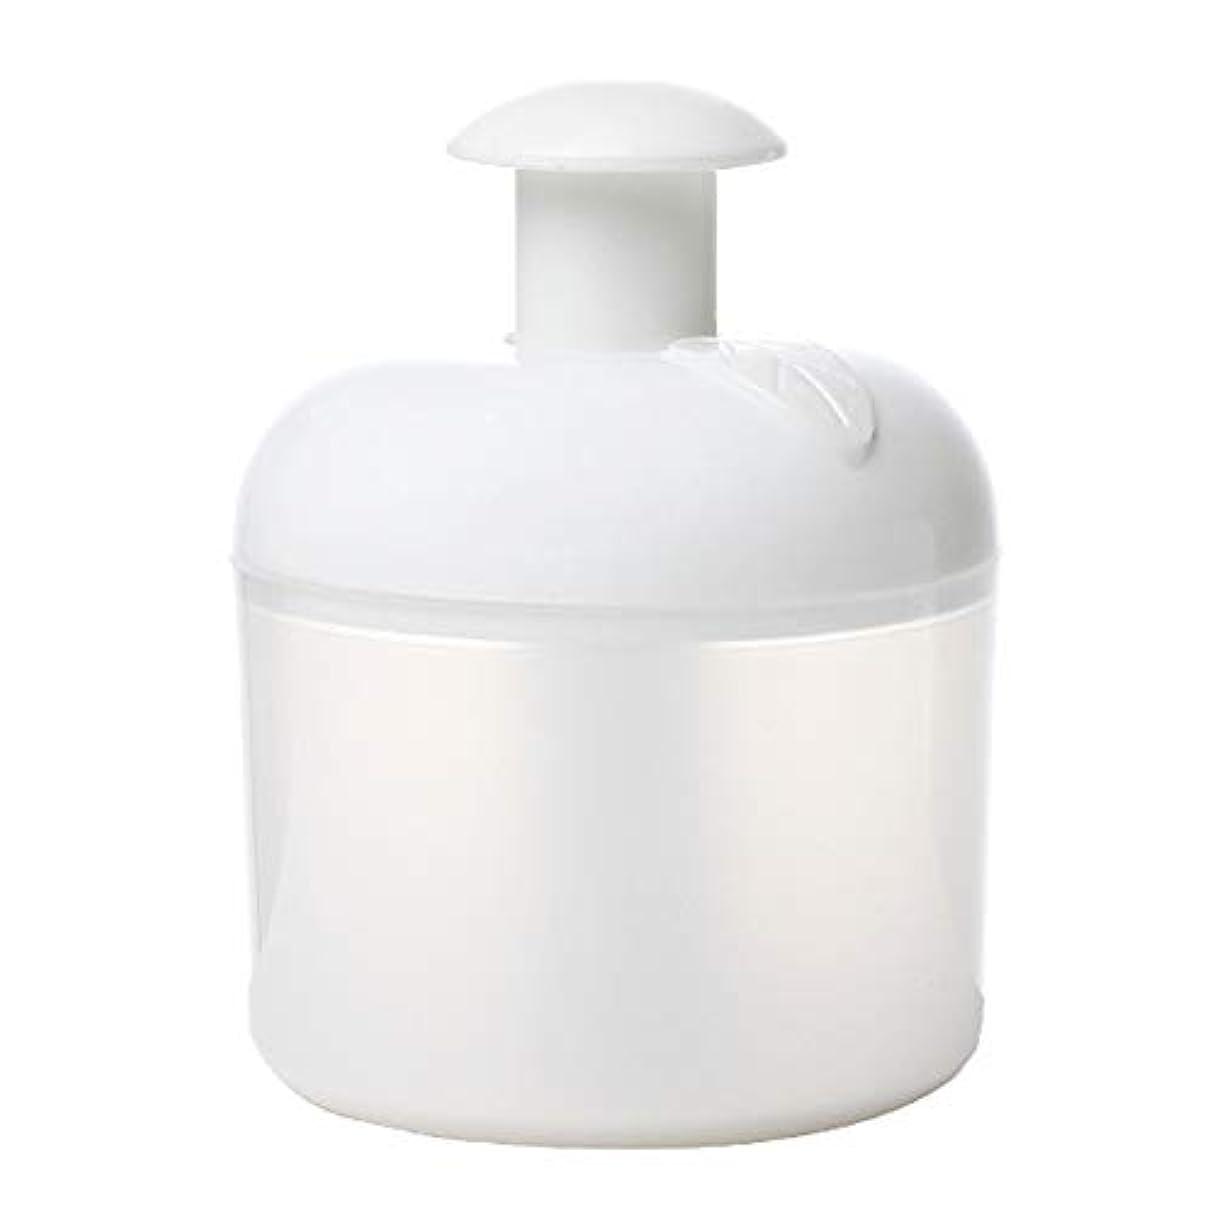 ステートメント驚いたことにボンドバブラー フェイシャルフォームメーカー バブルメーカーカップ フェイシャルスキンケ アクレンジングツール 洗顔用 白